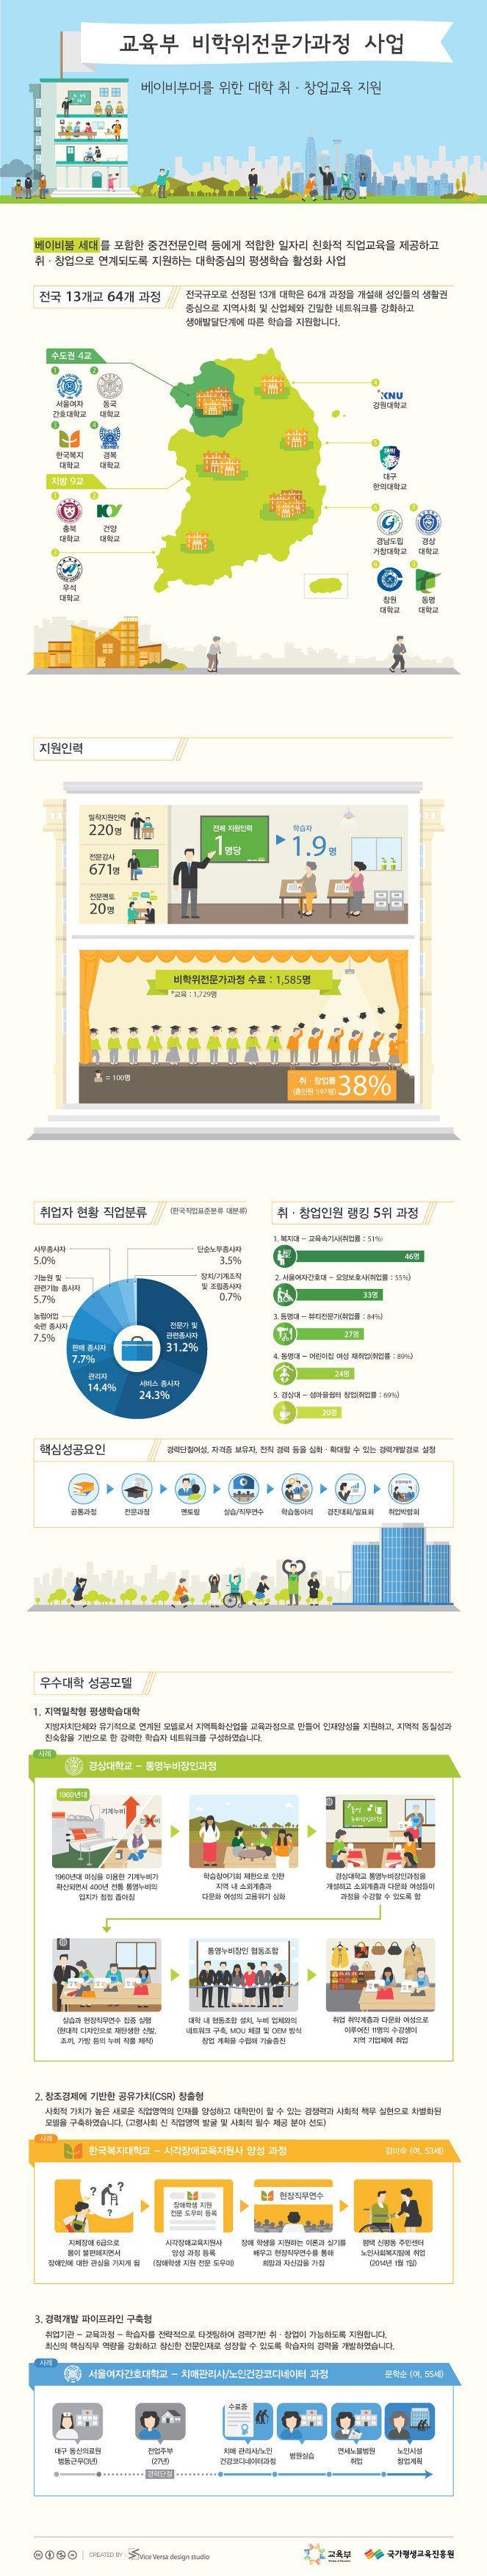 [Infographics] 교육부 비학위전문가과정 사업에 관한 인포그래픽